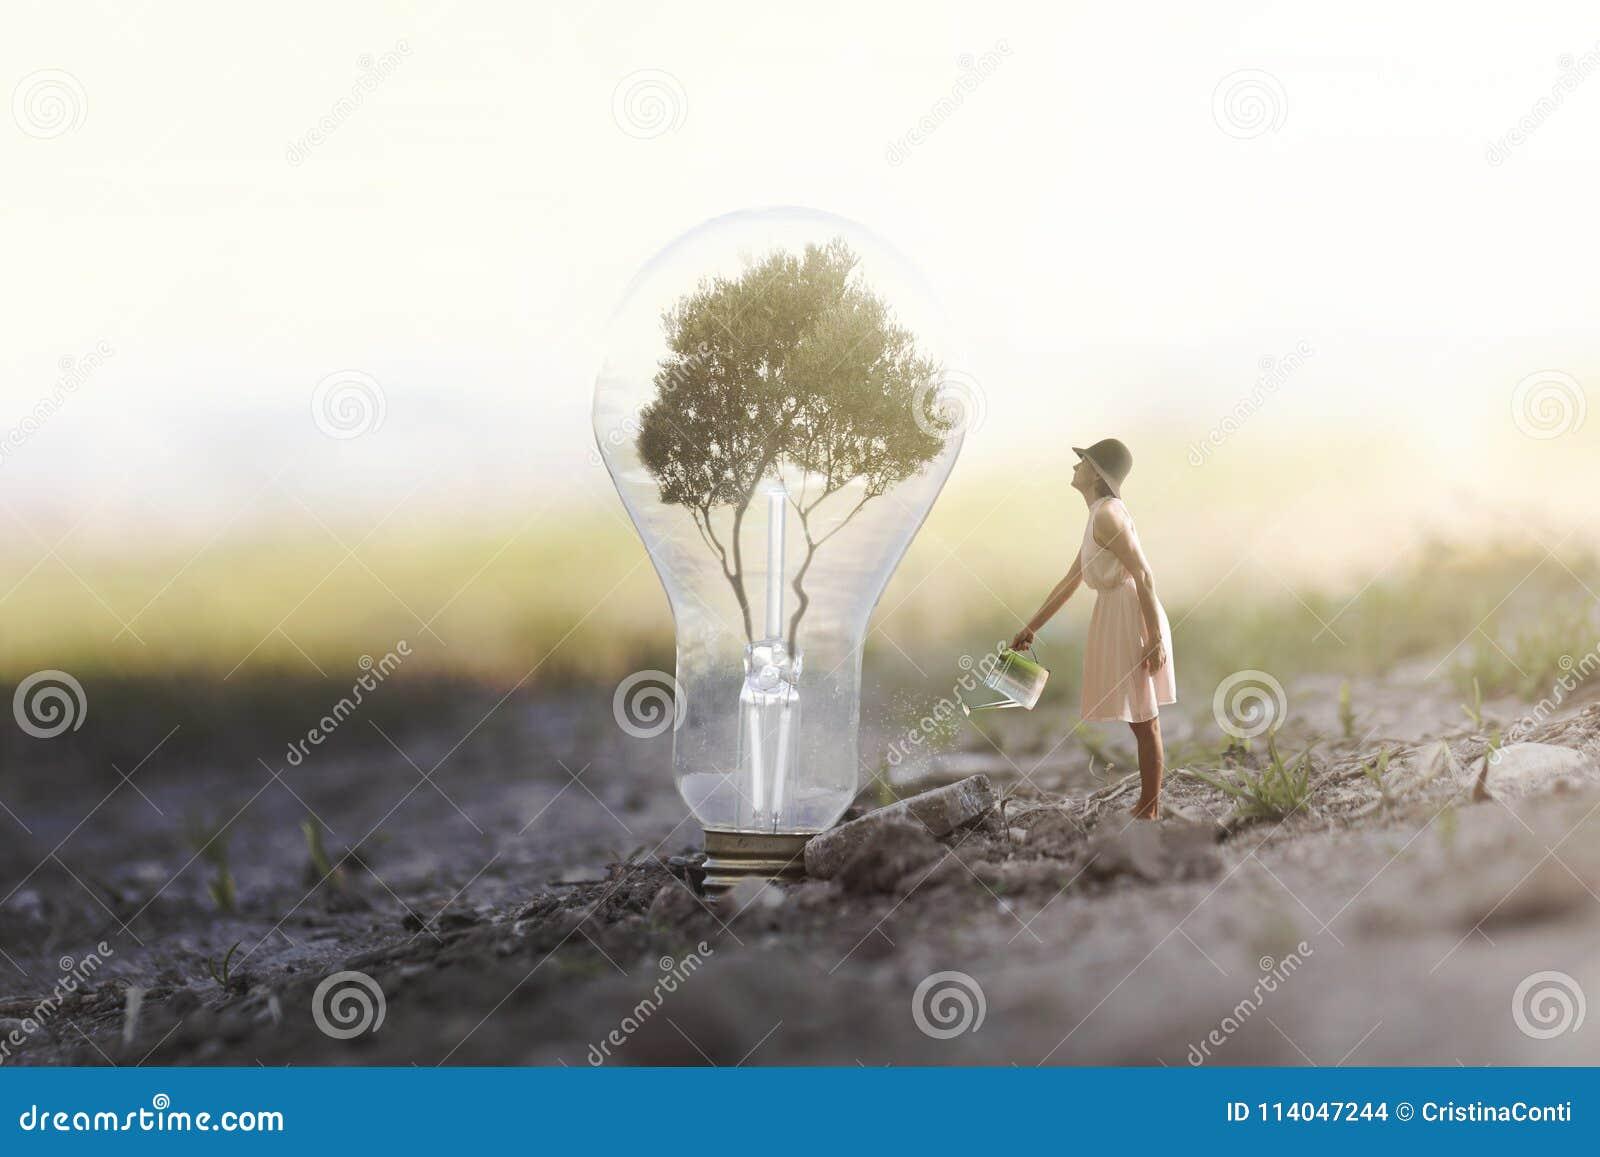 Vrouw die haar installatie water geven die energie aan een gloeilamp vergt